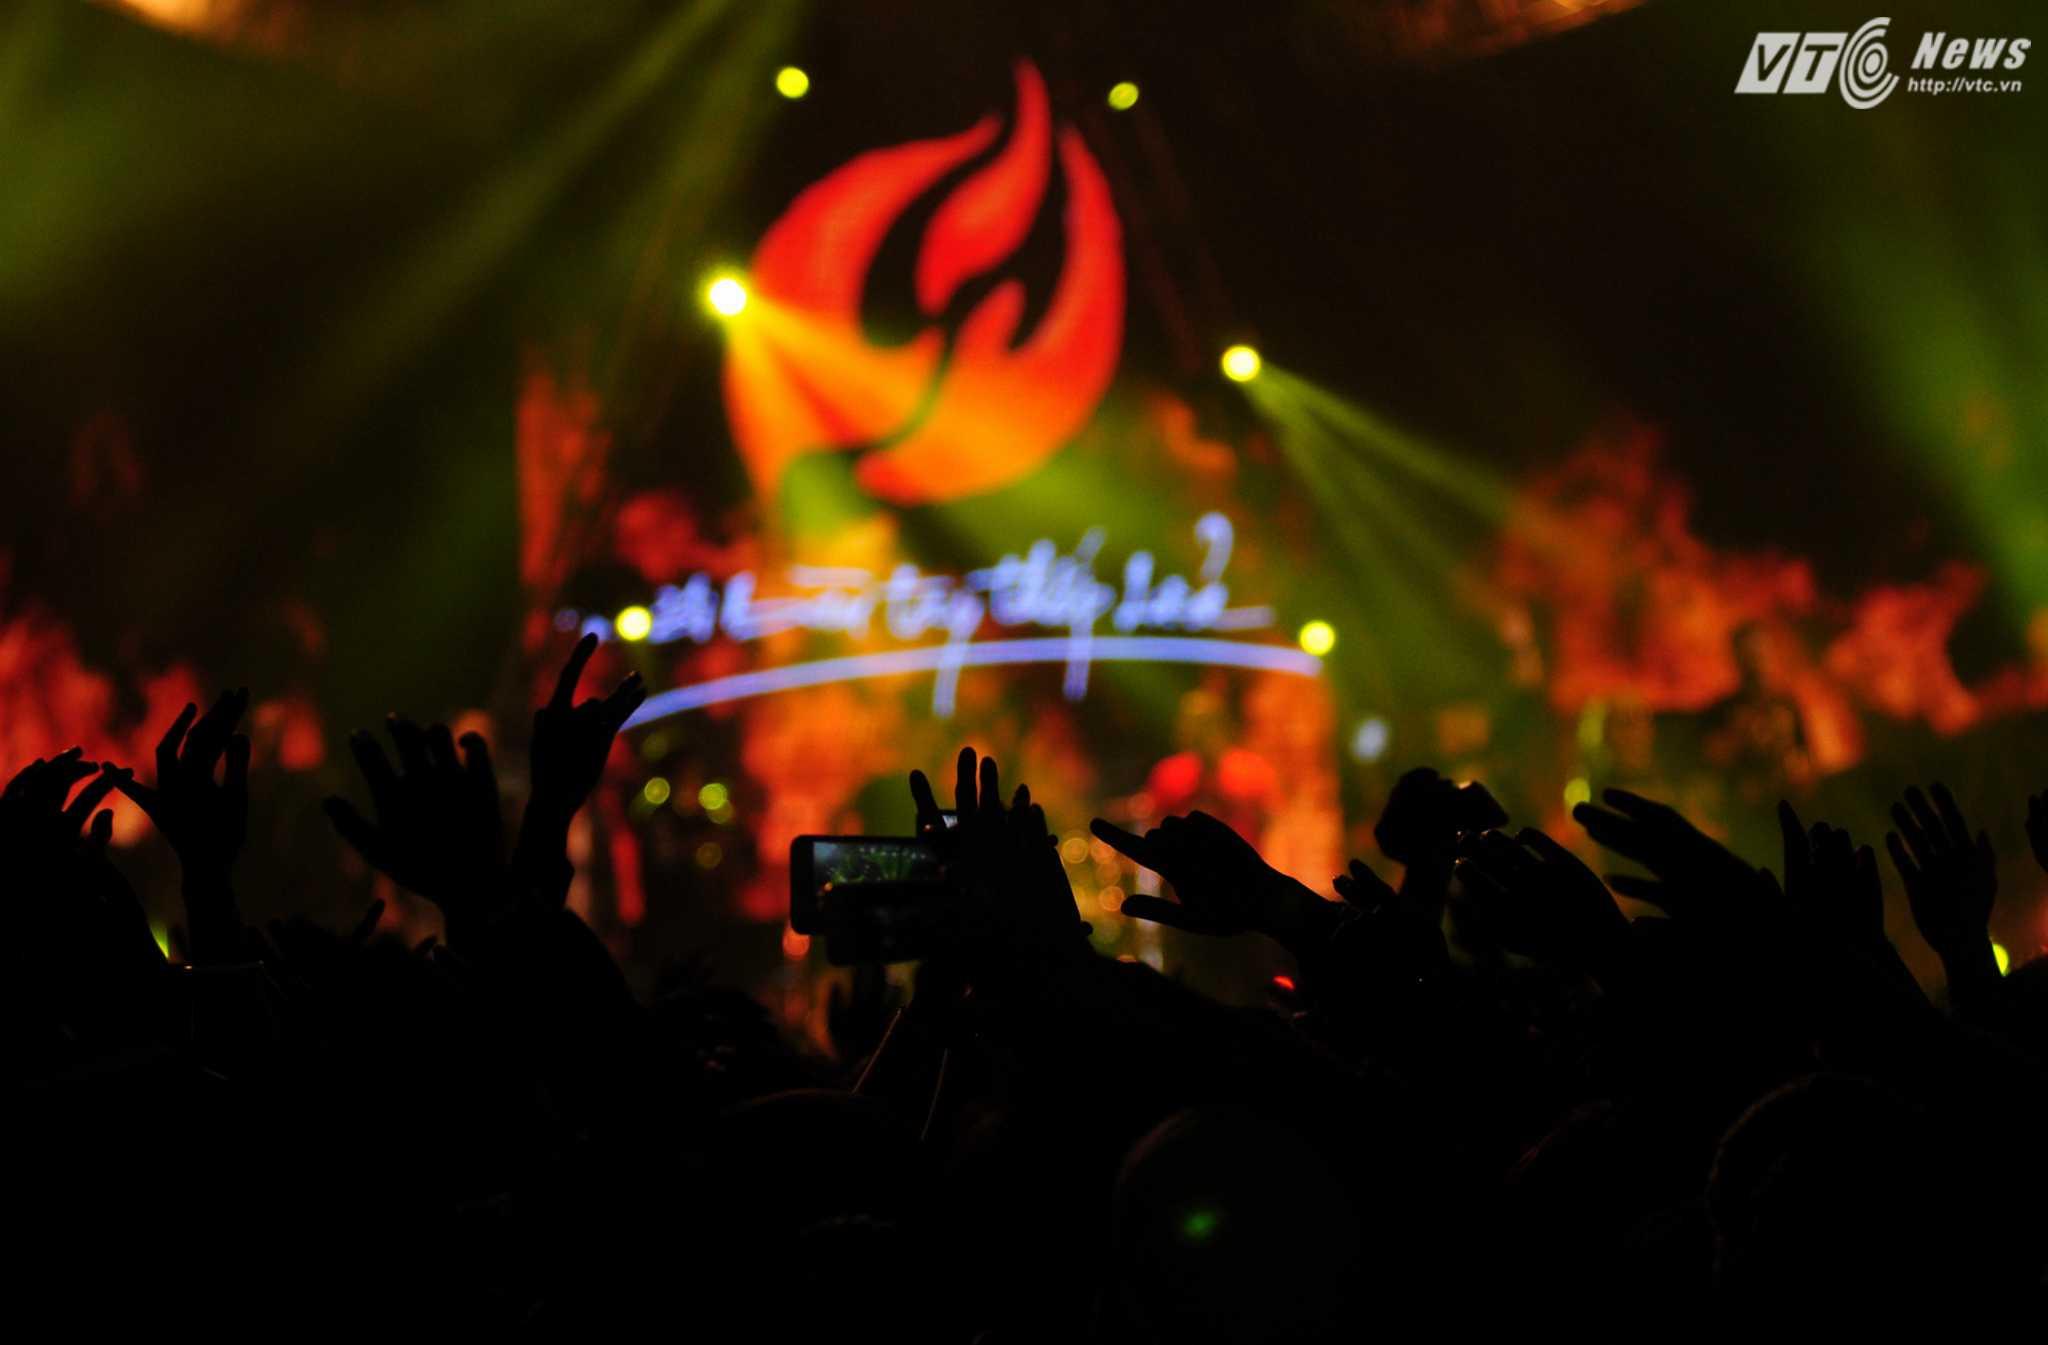 Những bàn tay thắp lửa, live show lớn cuối cùng của Trần Lập trước khi anh vĩnh viễn ra đi - Ảnh: Tùng Đinh